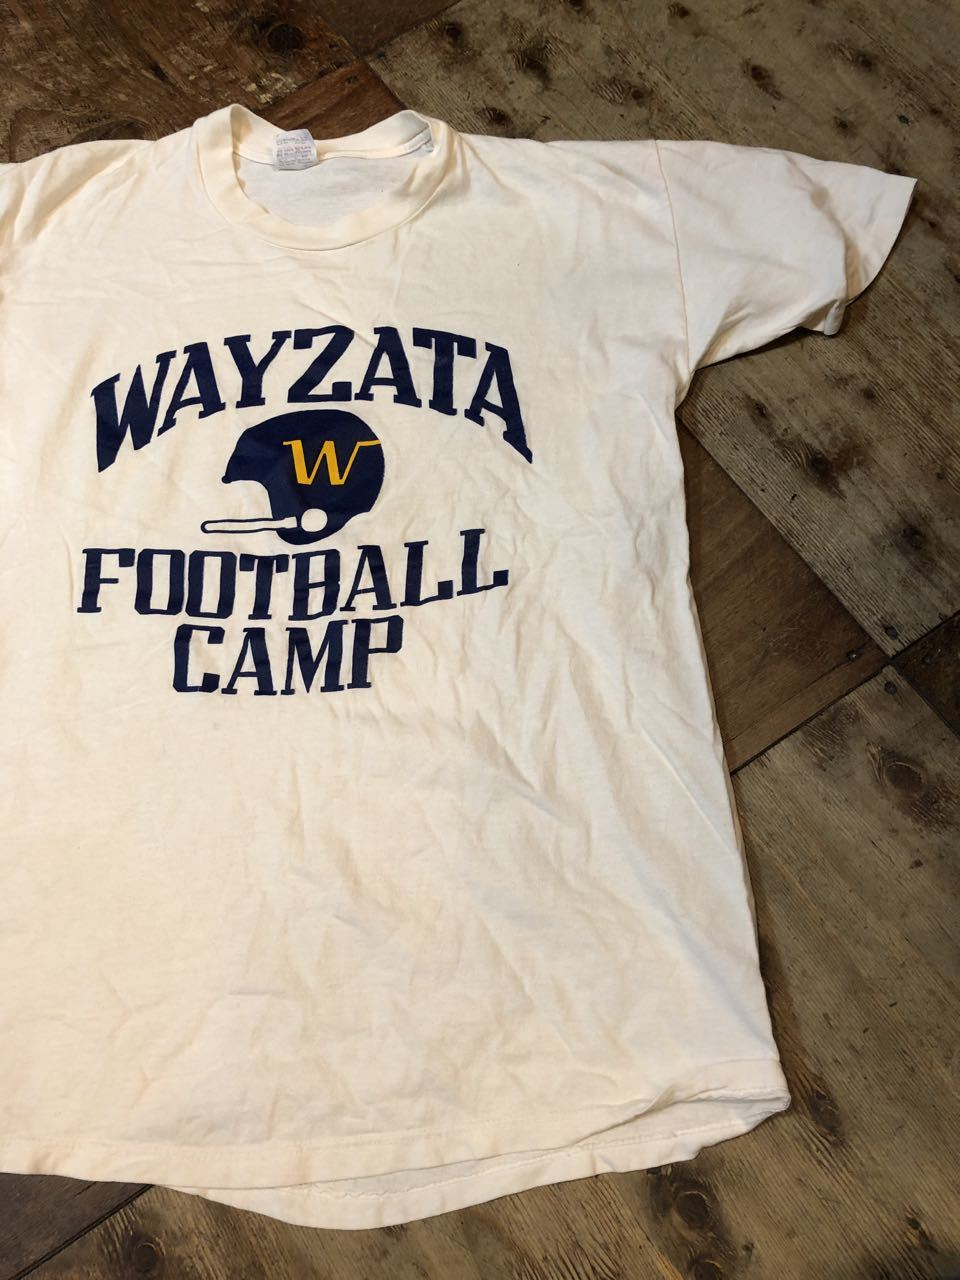 7月20日(土)入荷!80s all cotton カレッジFOOTBALL CAMP Tシャツ STEDMAN_c0144020_13560572.jpg